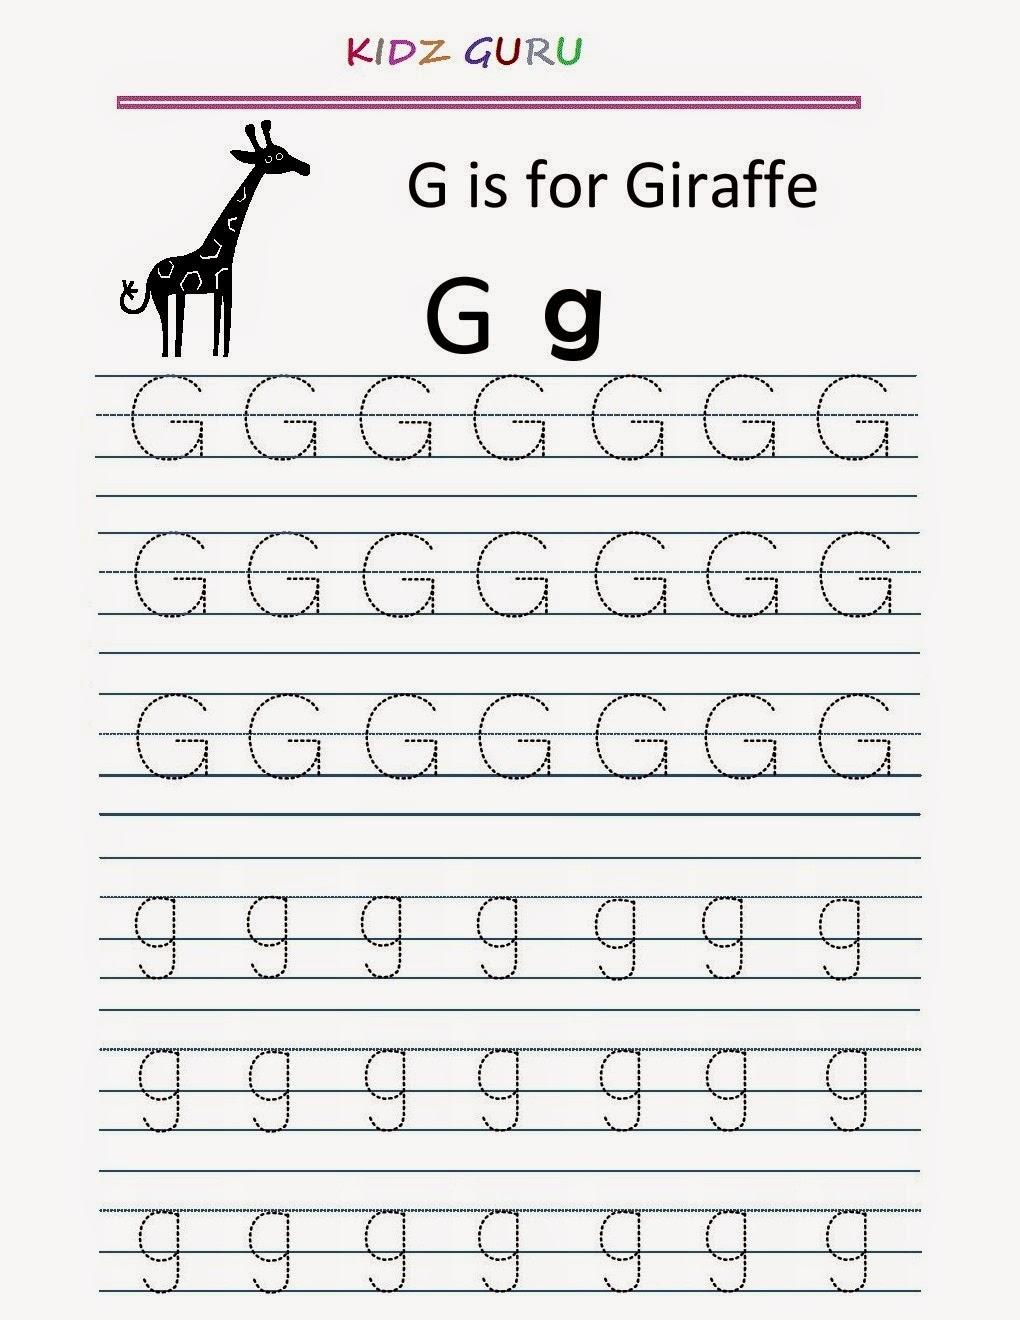 Workbooks letter g printable worksheets : Kindergarten Worksheets: Printable Tracing Worksheet - Alphabet G g